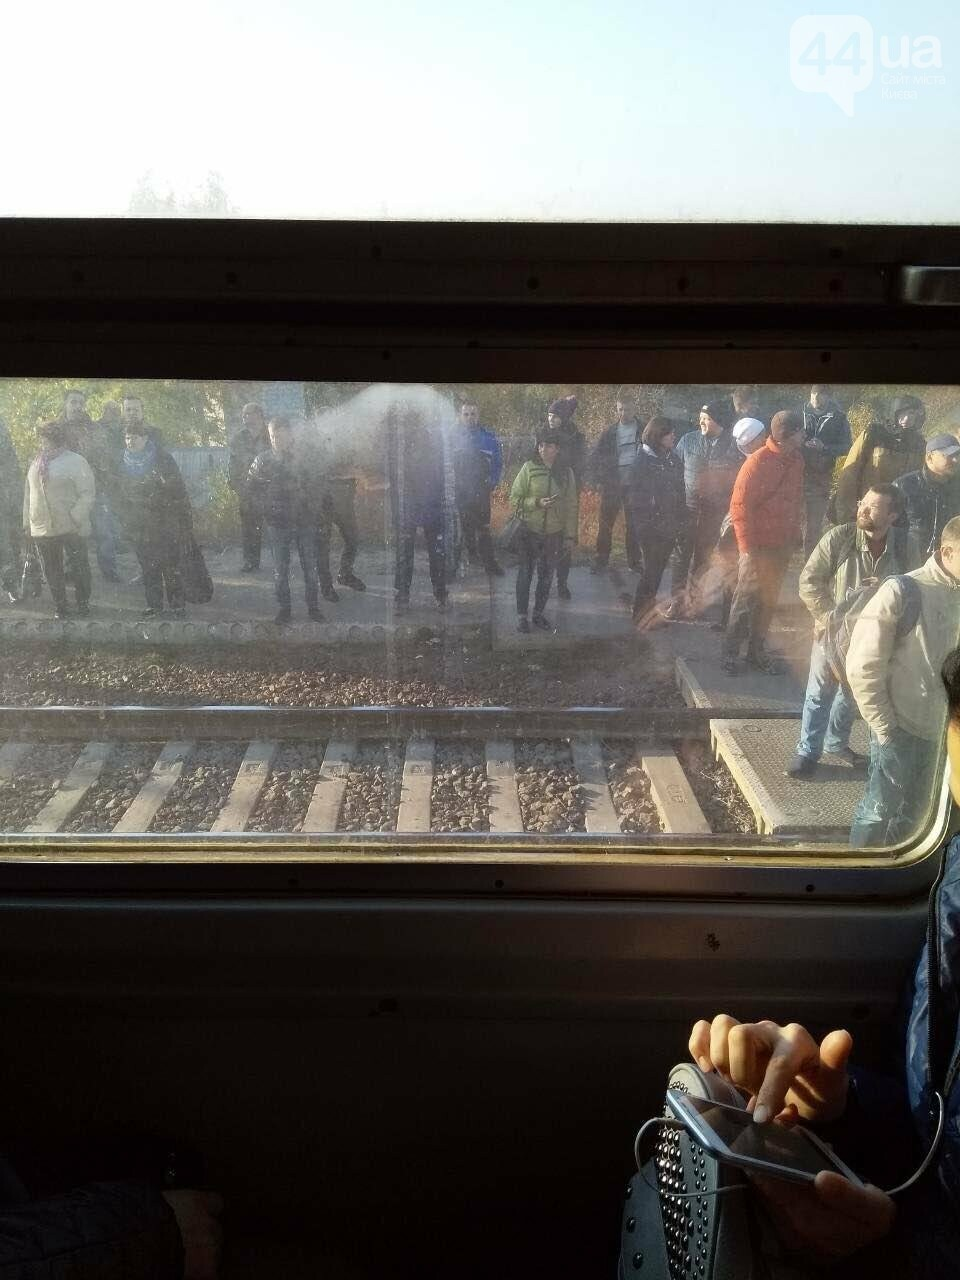 В Киеве неизвестные заблокировали городскую электричку, - ФОТО, фото-2